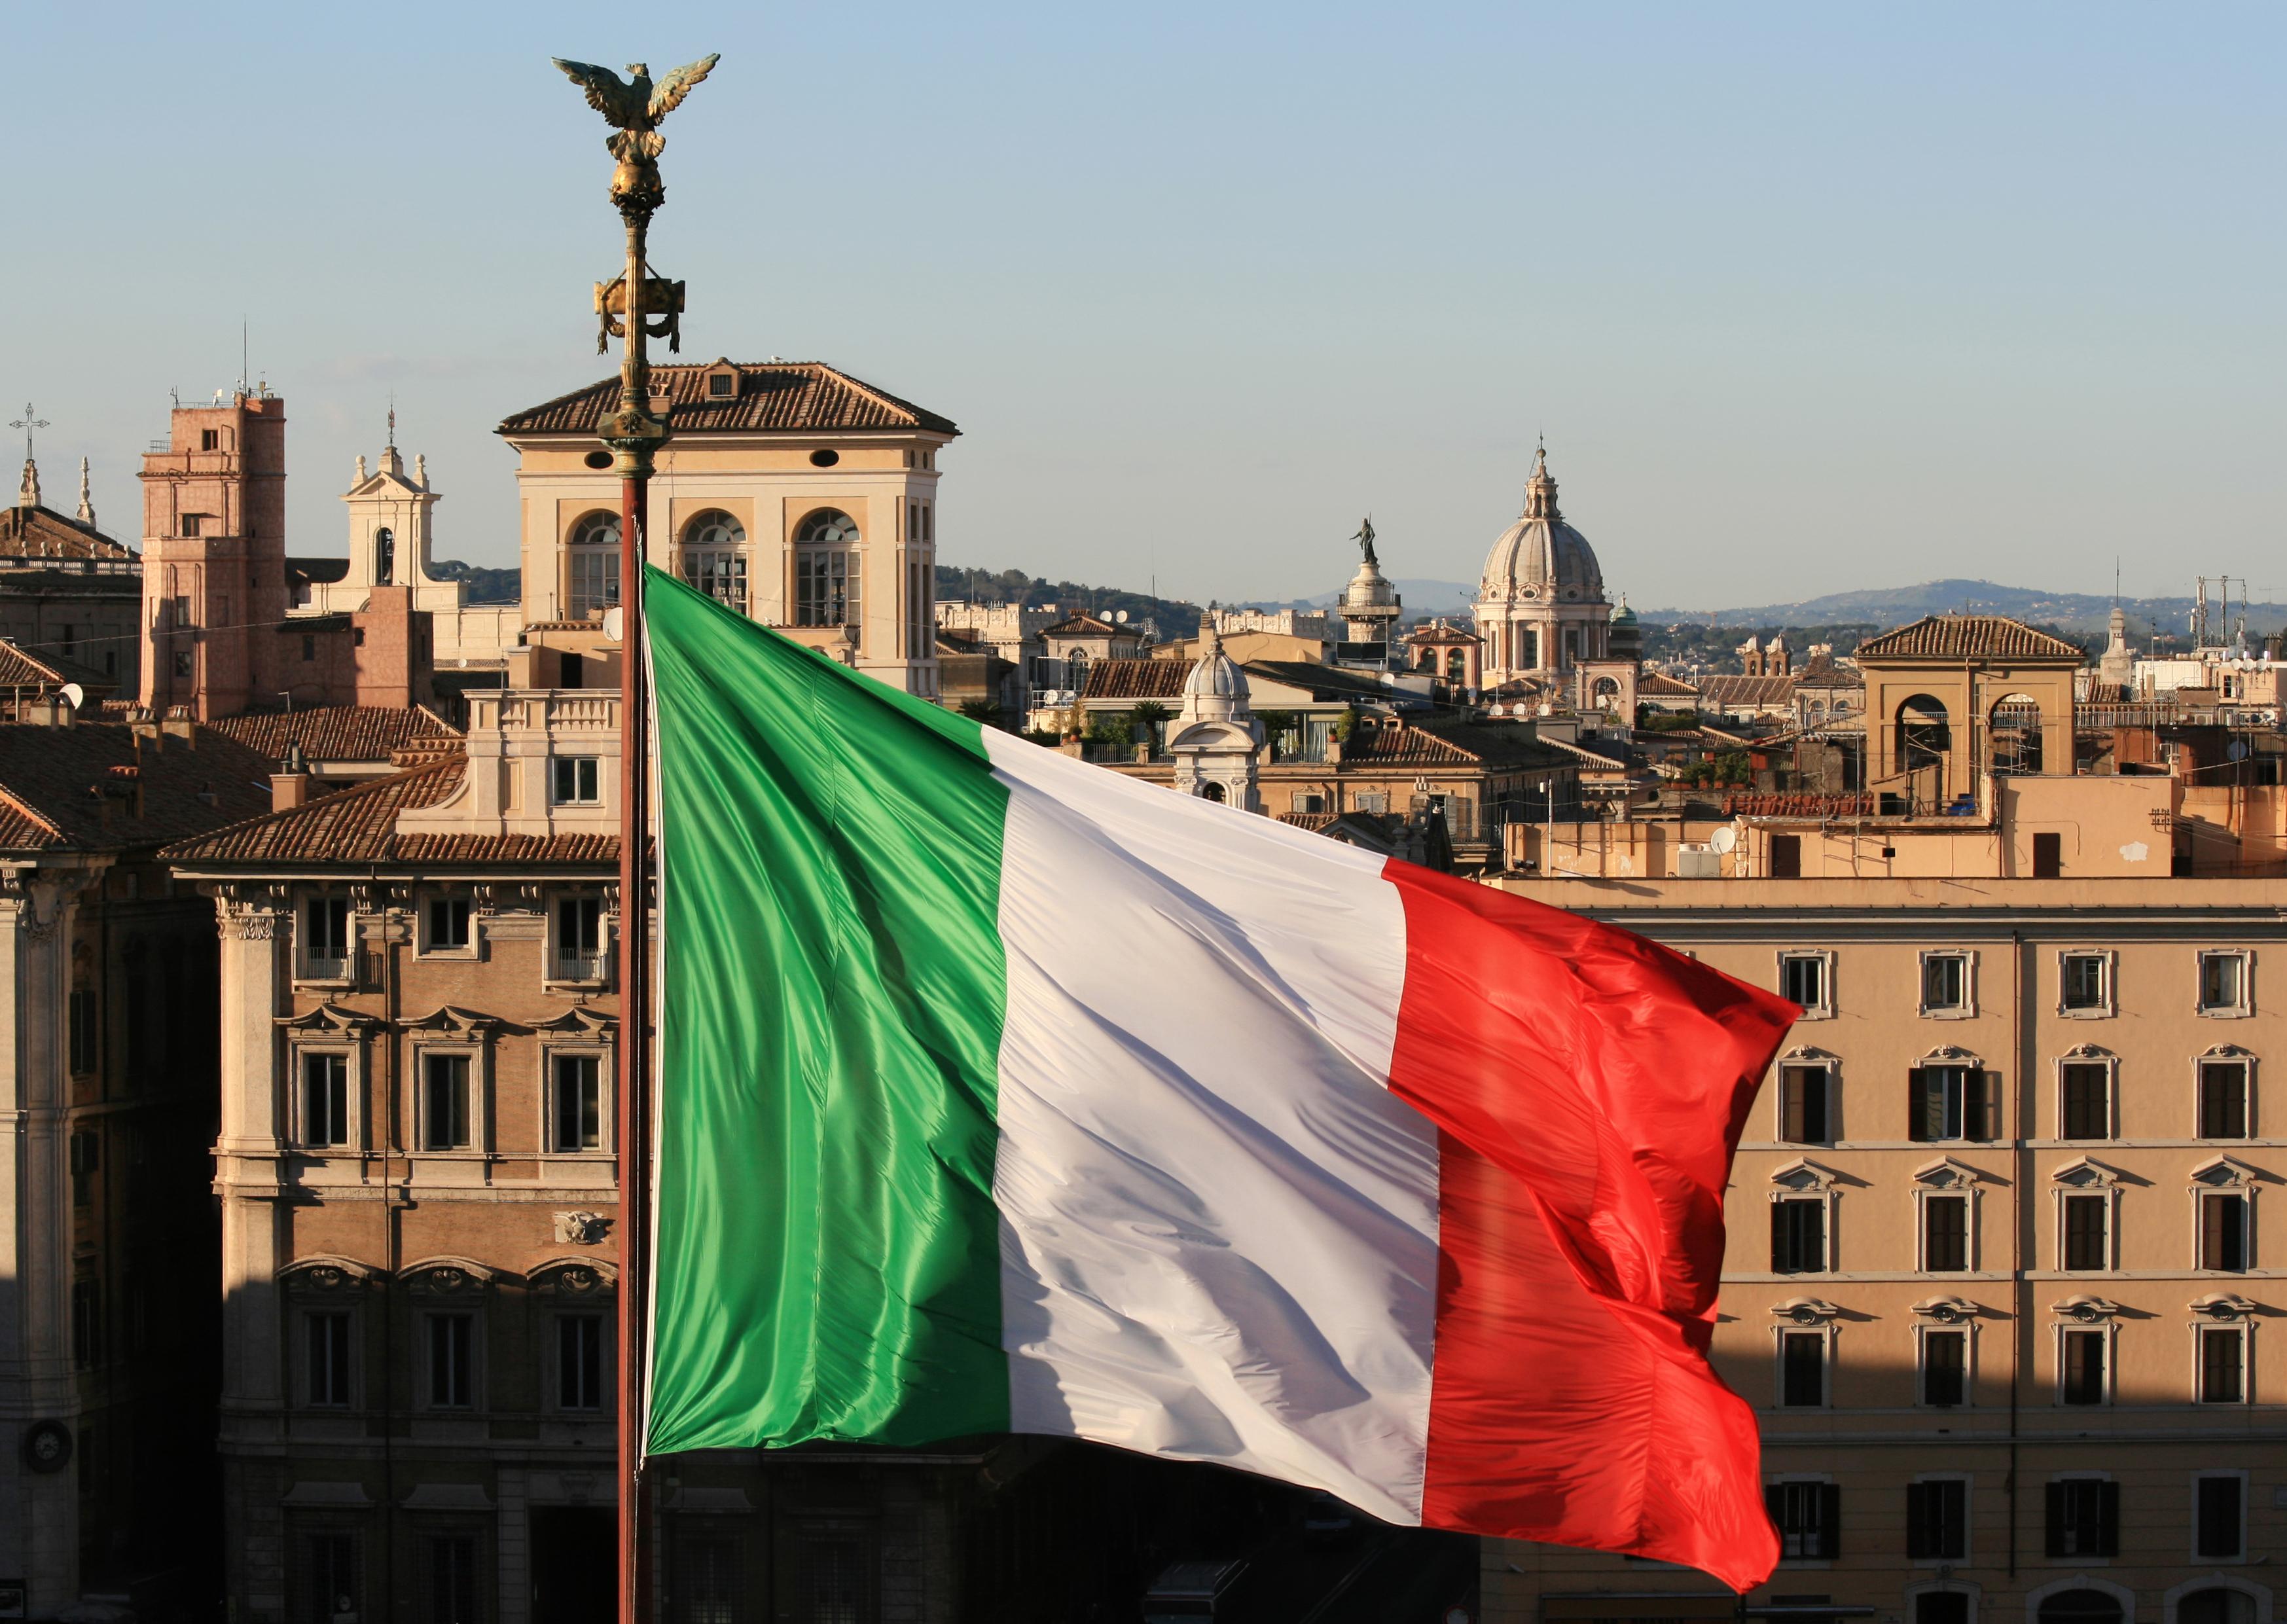 Bancos de Italia aumentan el uso de la tecnología blockchain para compartir información sobre transferencias interbancarias